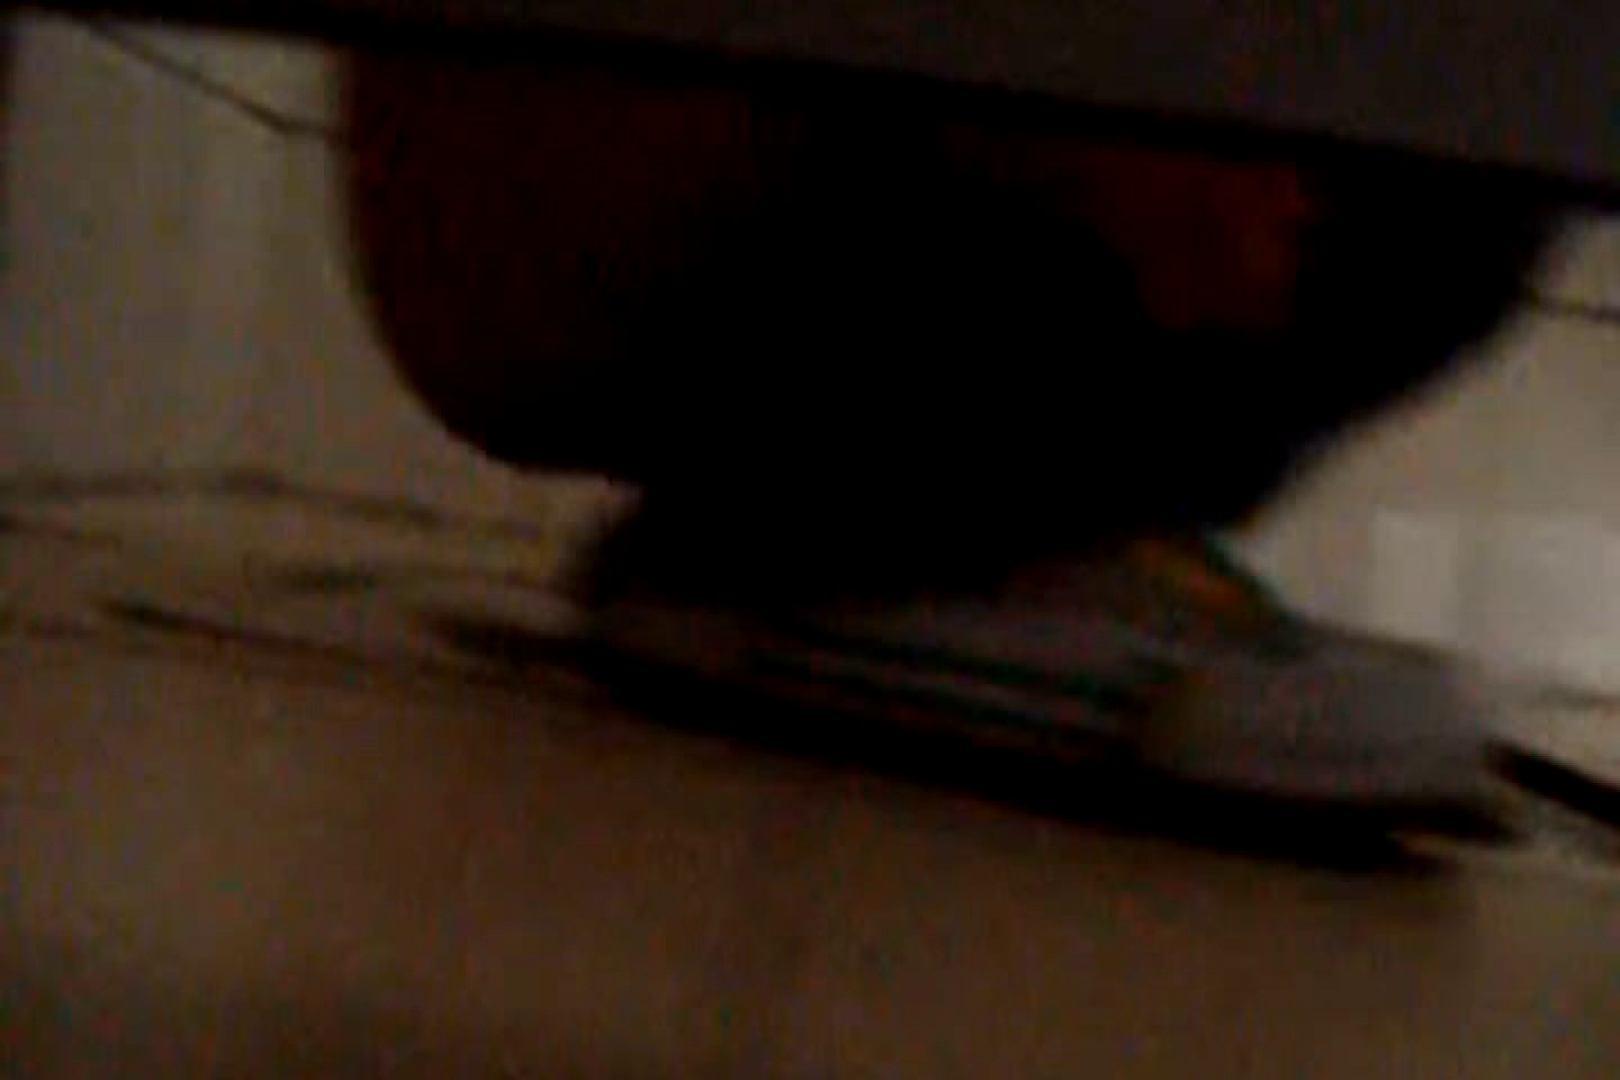 ぼっとん洗面所スペシャルVol.5 洗面所 盗み撮りAV無料動画キャプチャ 88PICs 47